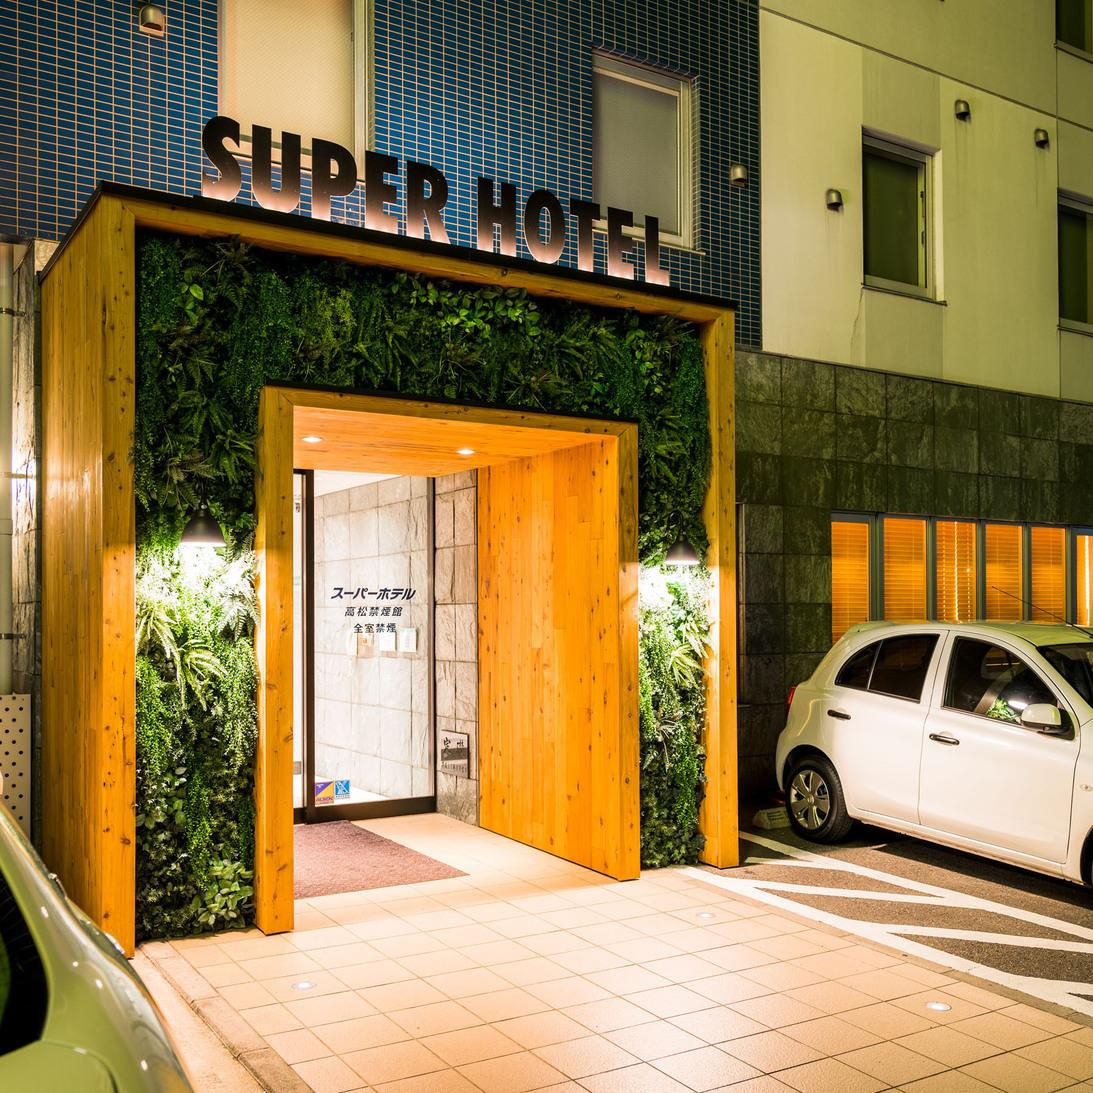 天然温泉「牛若の湯」 スーパーホテル 高松禁煙館 image